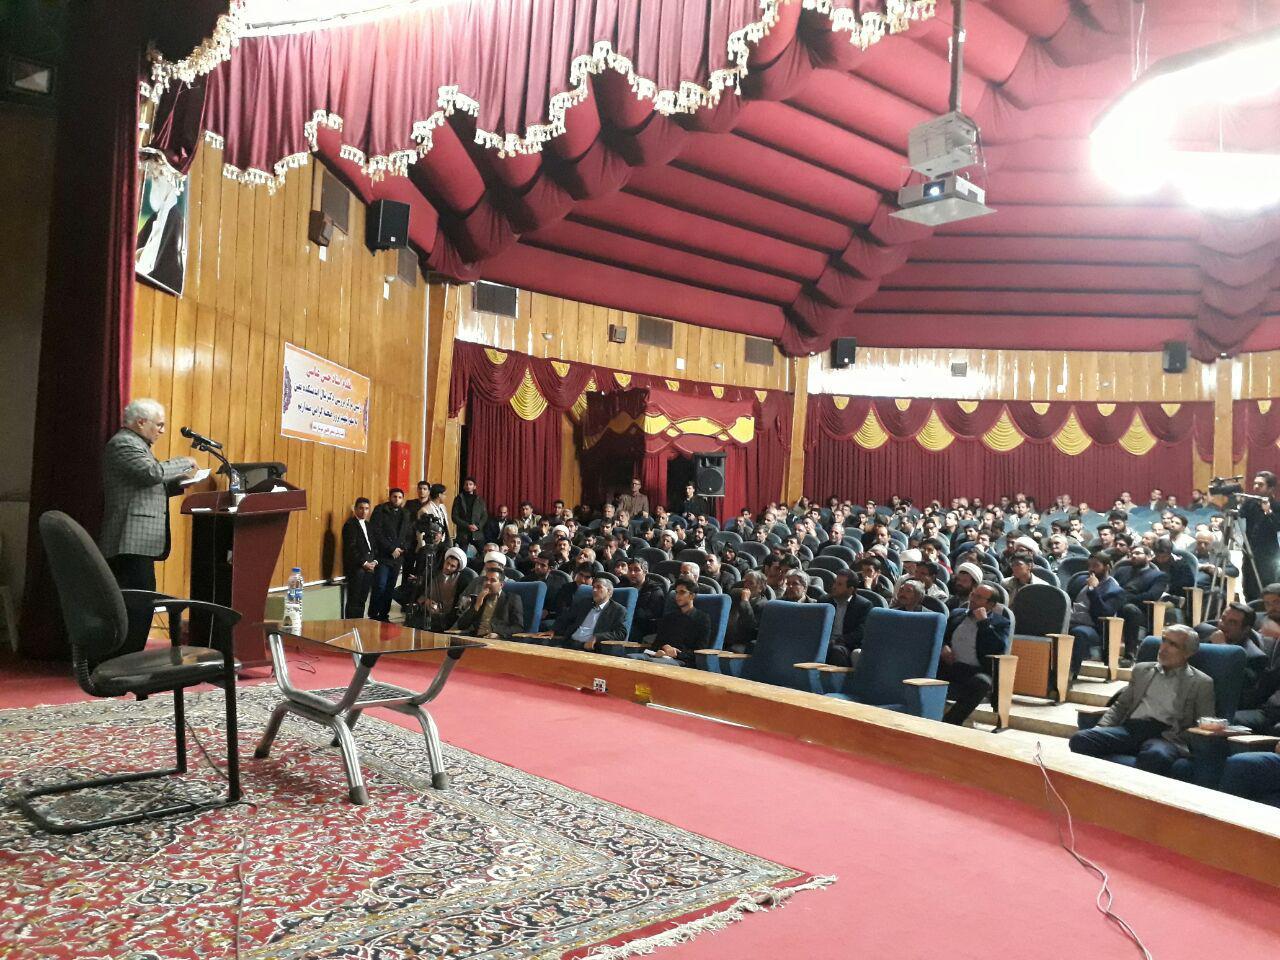 سخنرانی انقلابی استاد حسن عباسی در آب و هوای خنک و لطیف شهر صحنه استان کرمانشاه